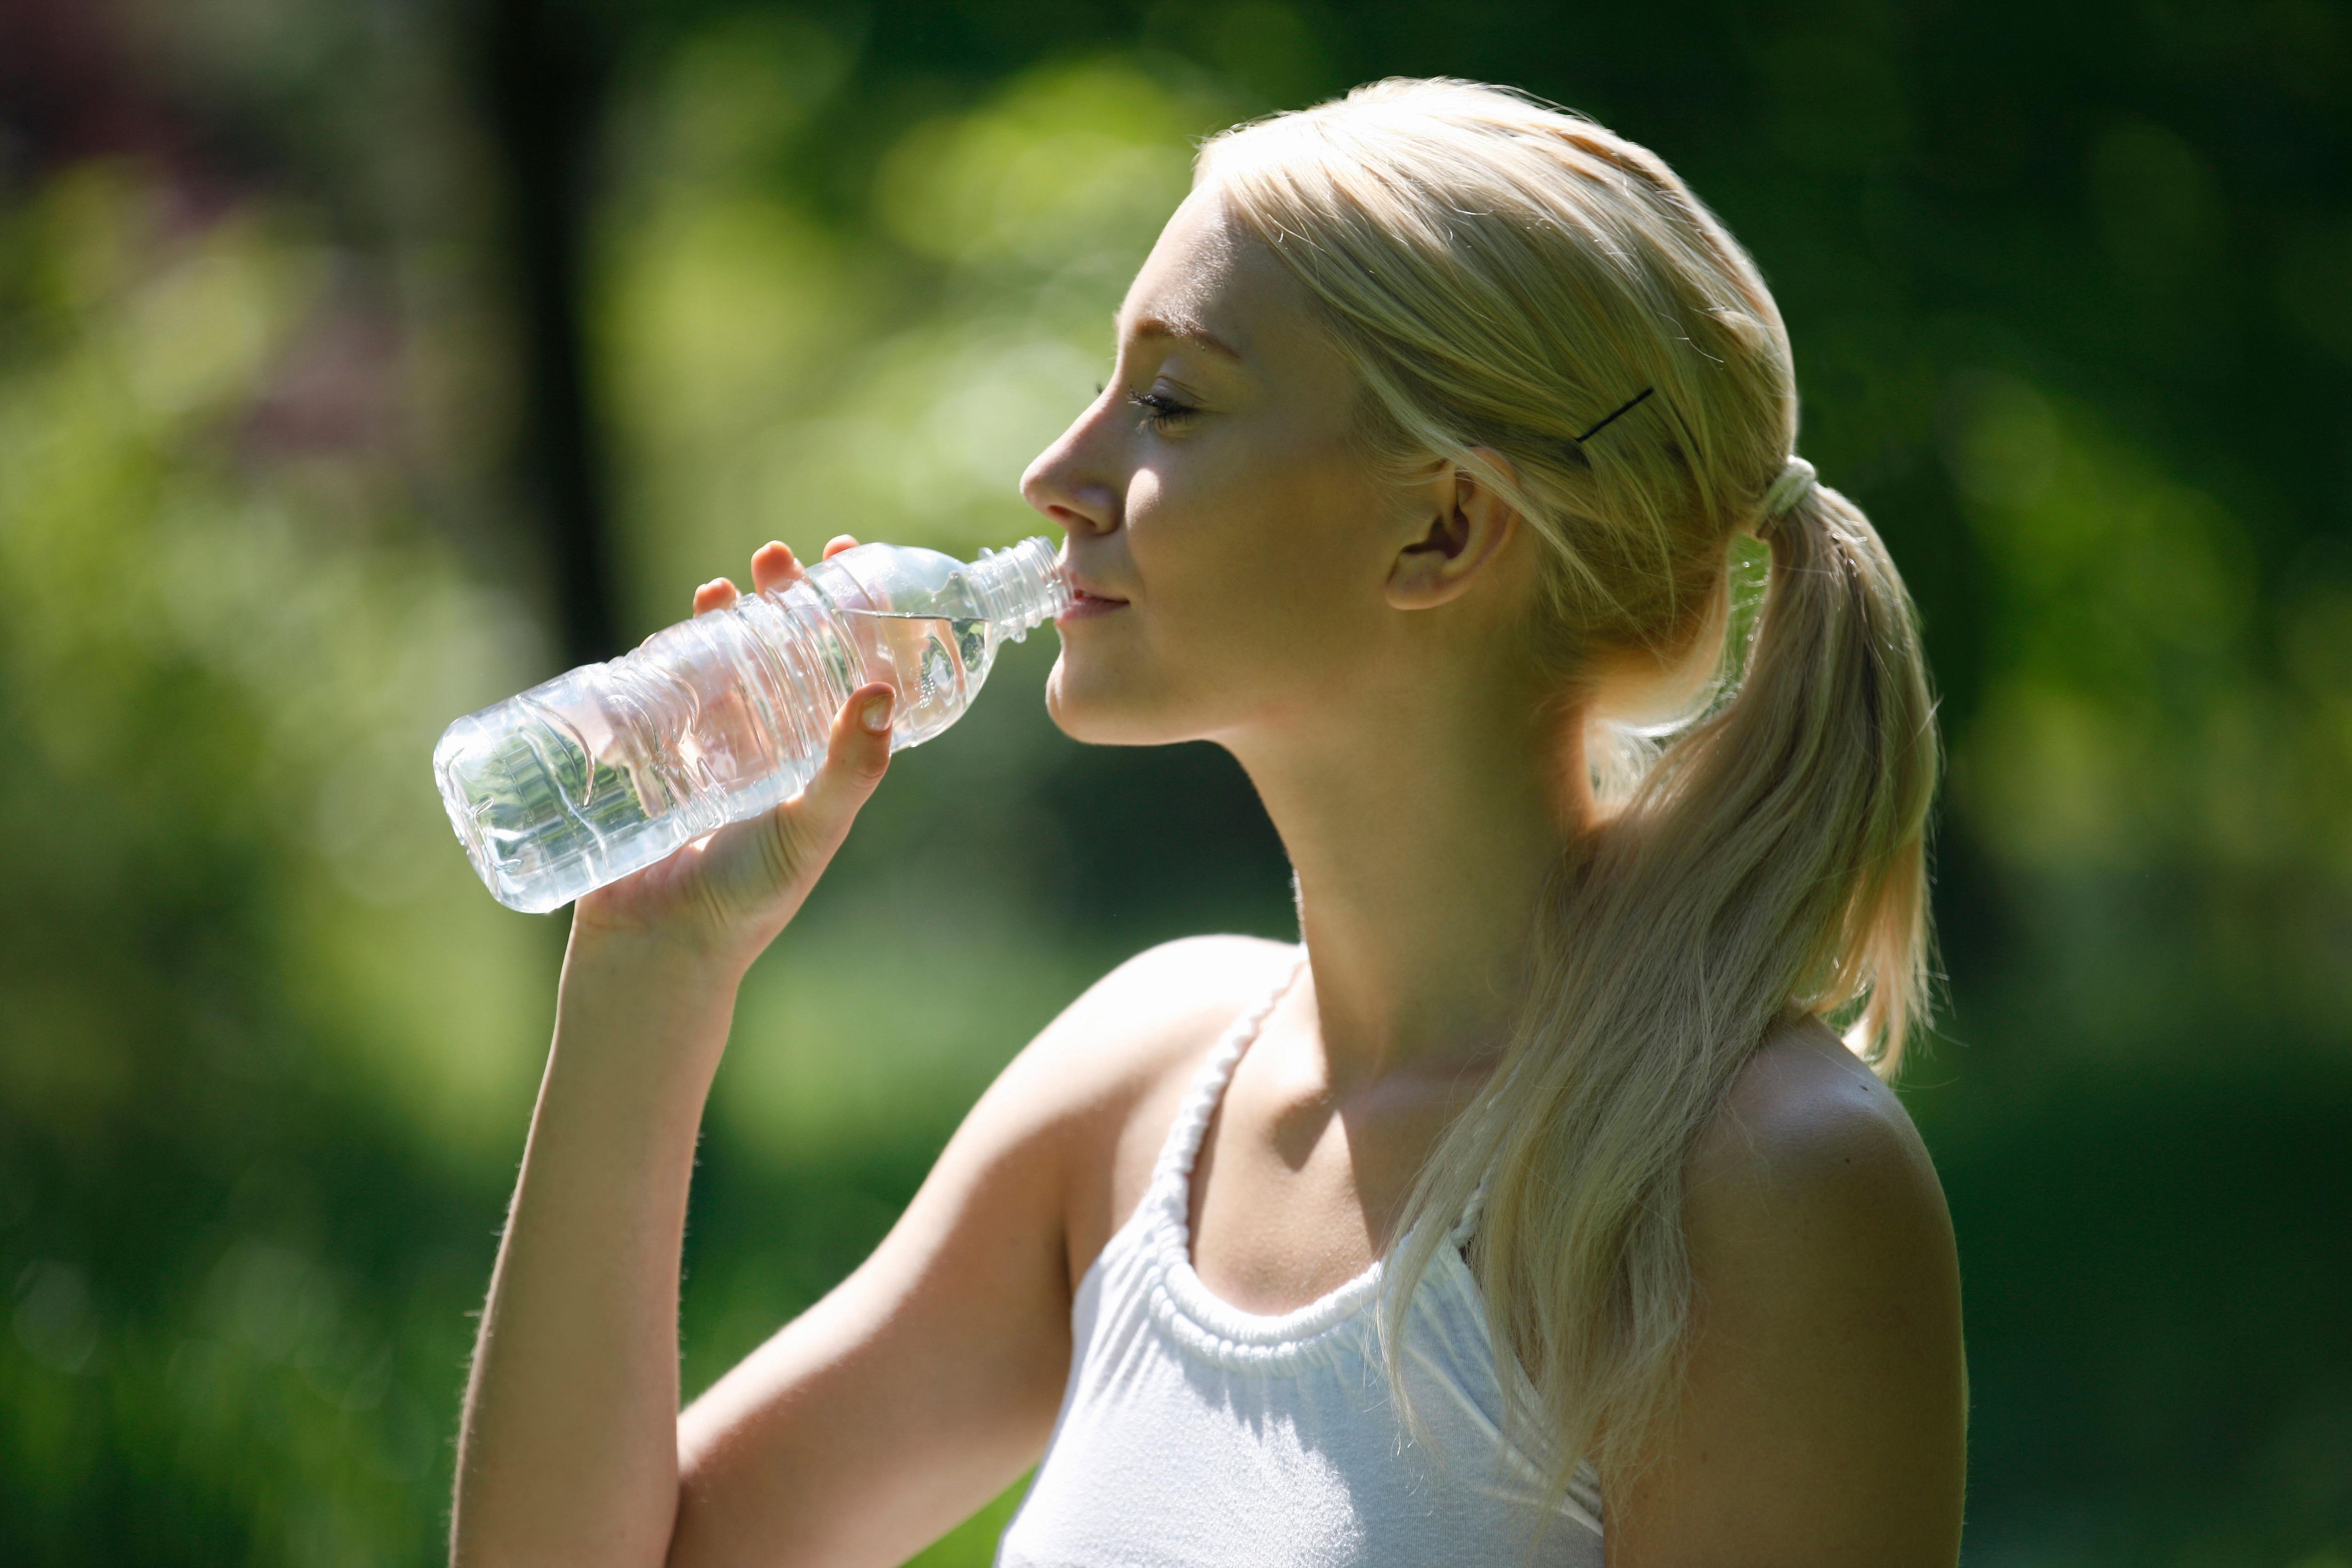 Chi ha inventato la Bottle flip challenge e come si gioca